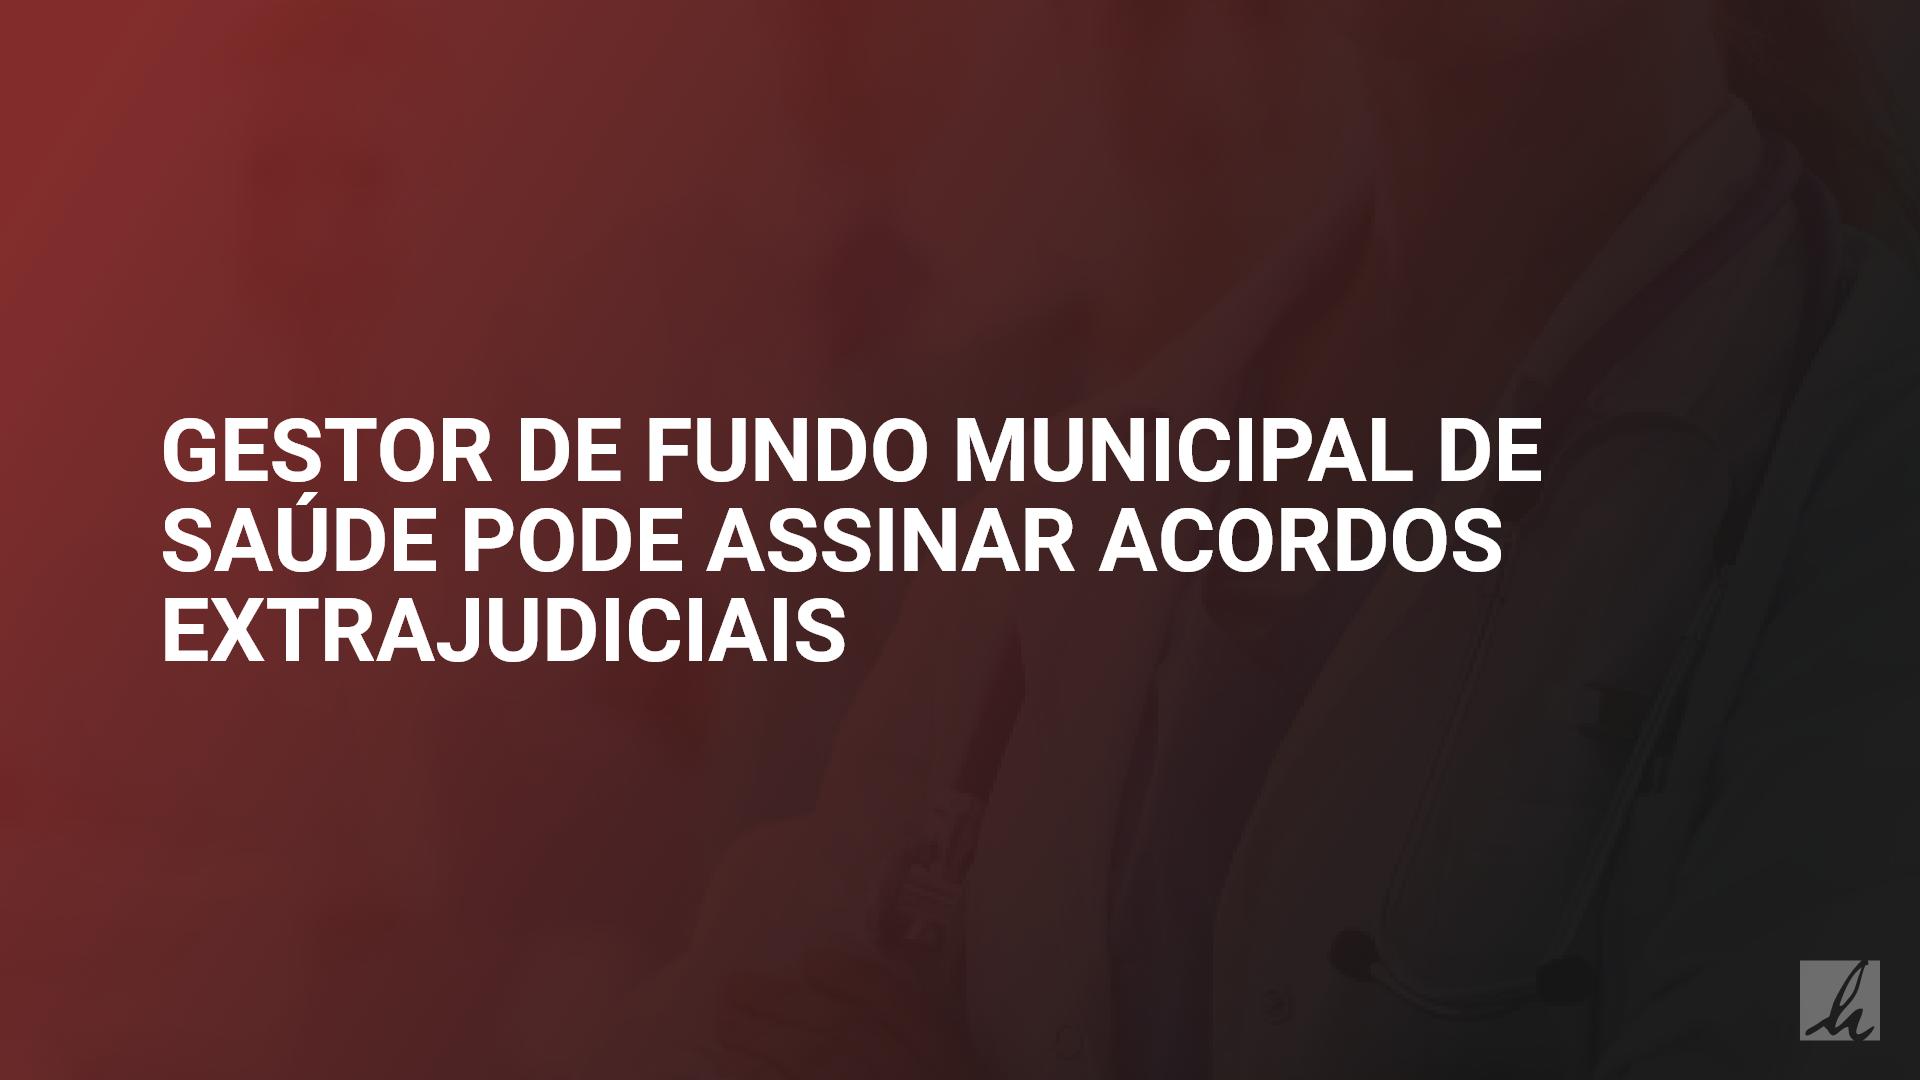 Gestor de Fundo Municipal de Saúde pode assinar acordos extrajudiciais